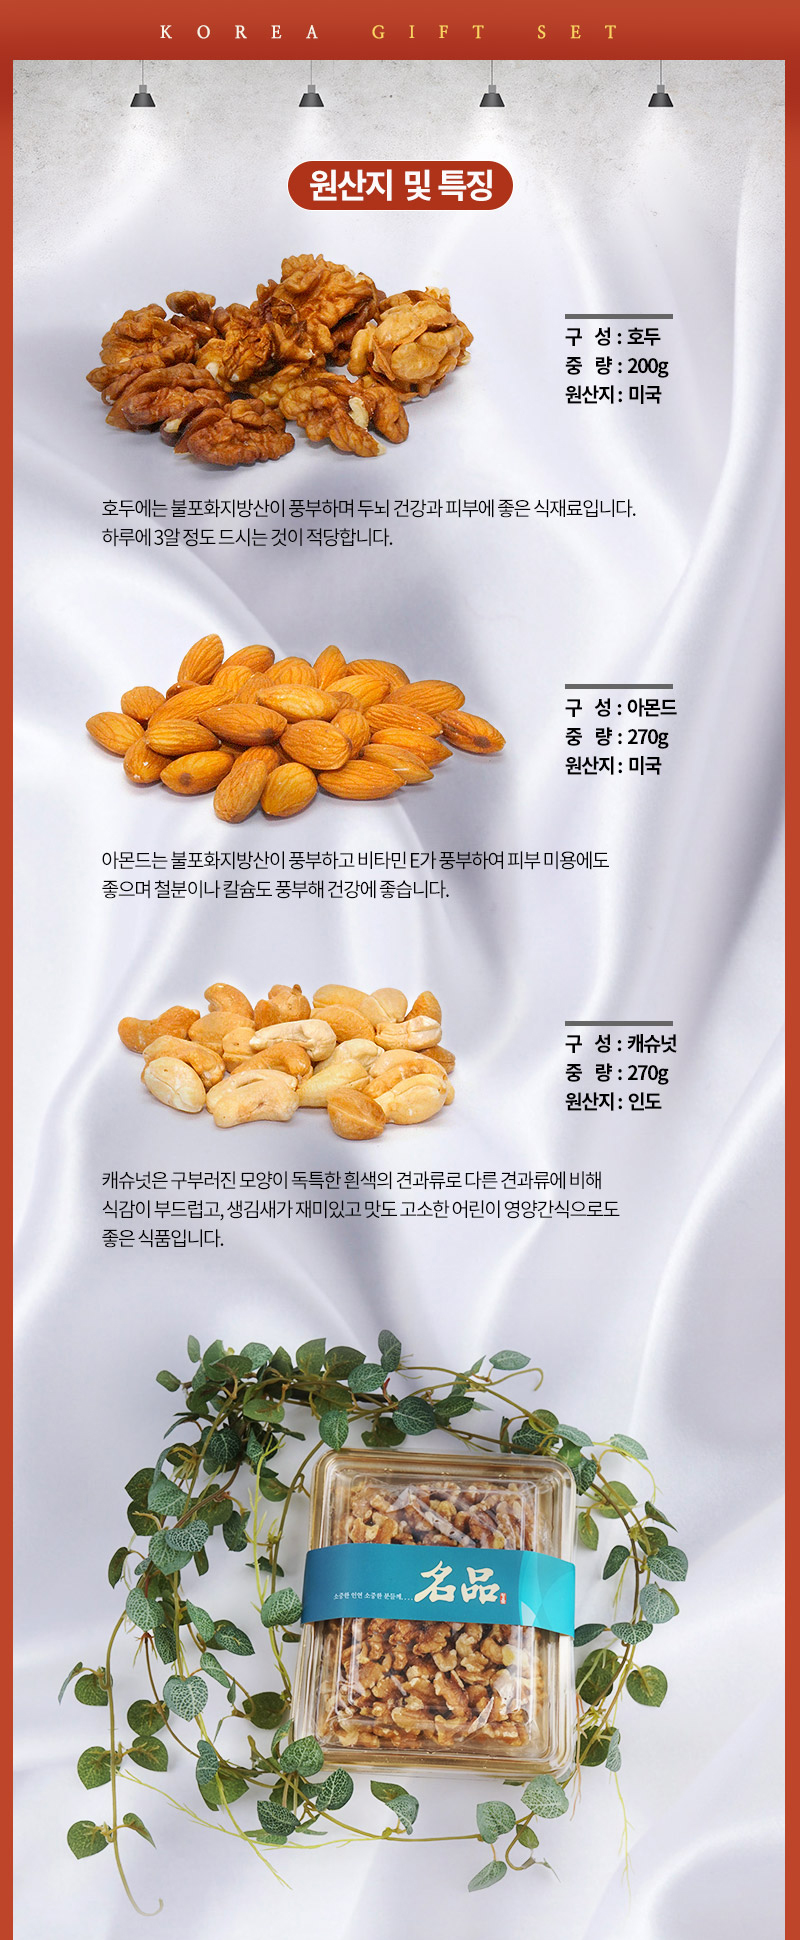 추석선물,유기농견과류,수입견과류,매일견과류,땅콩견과류,하루견과